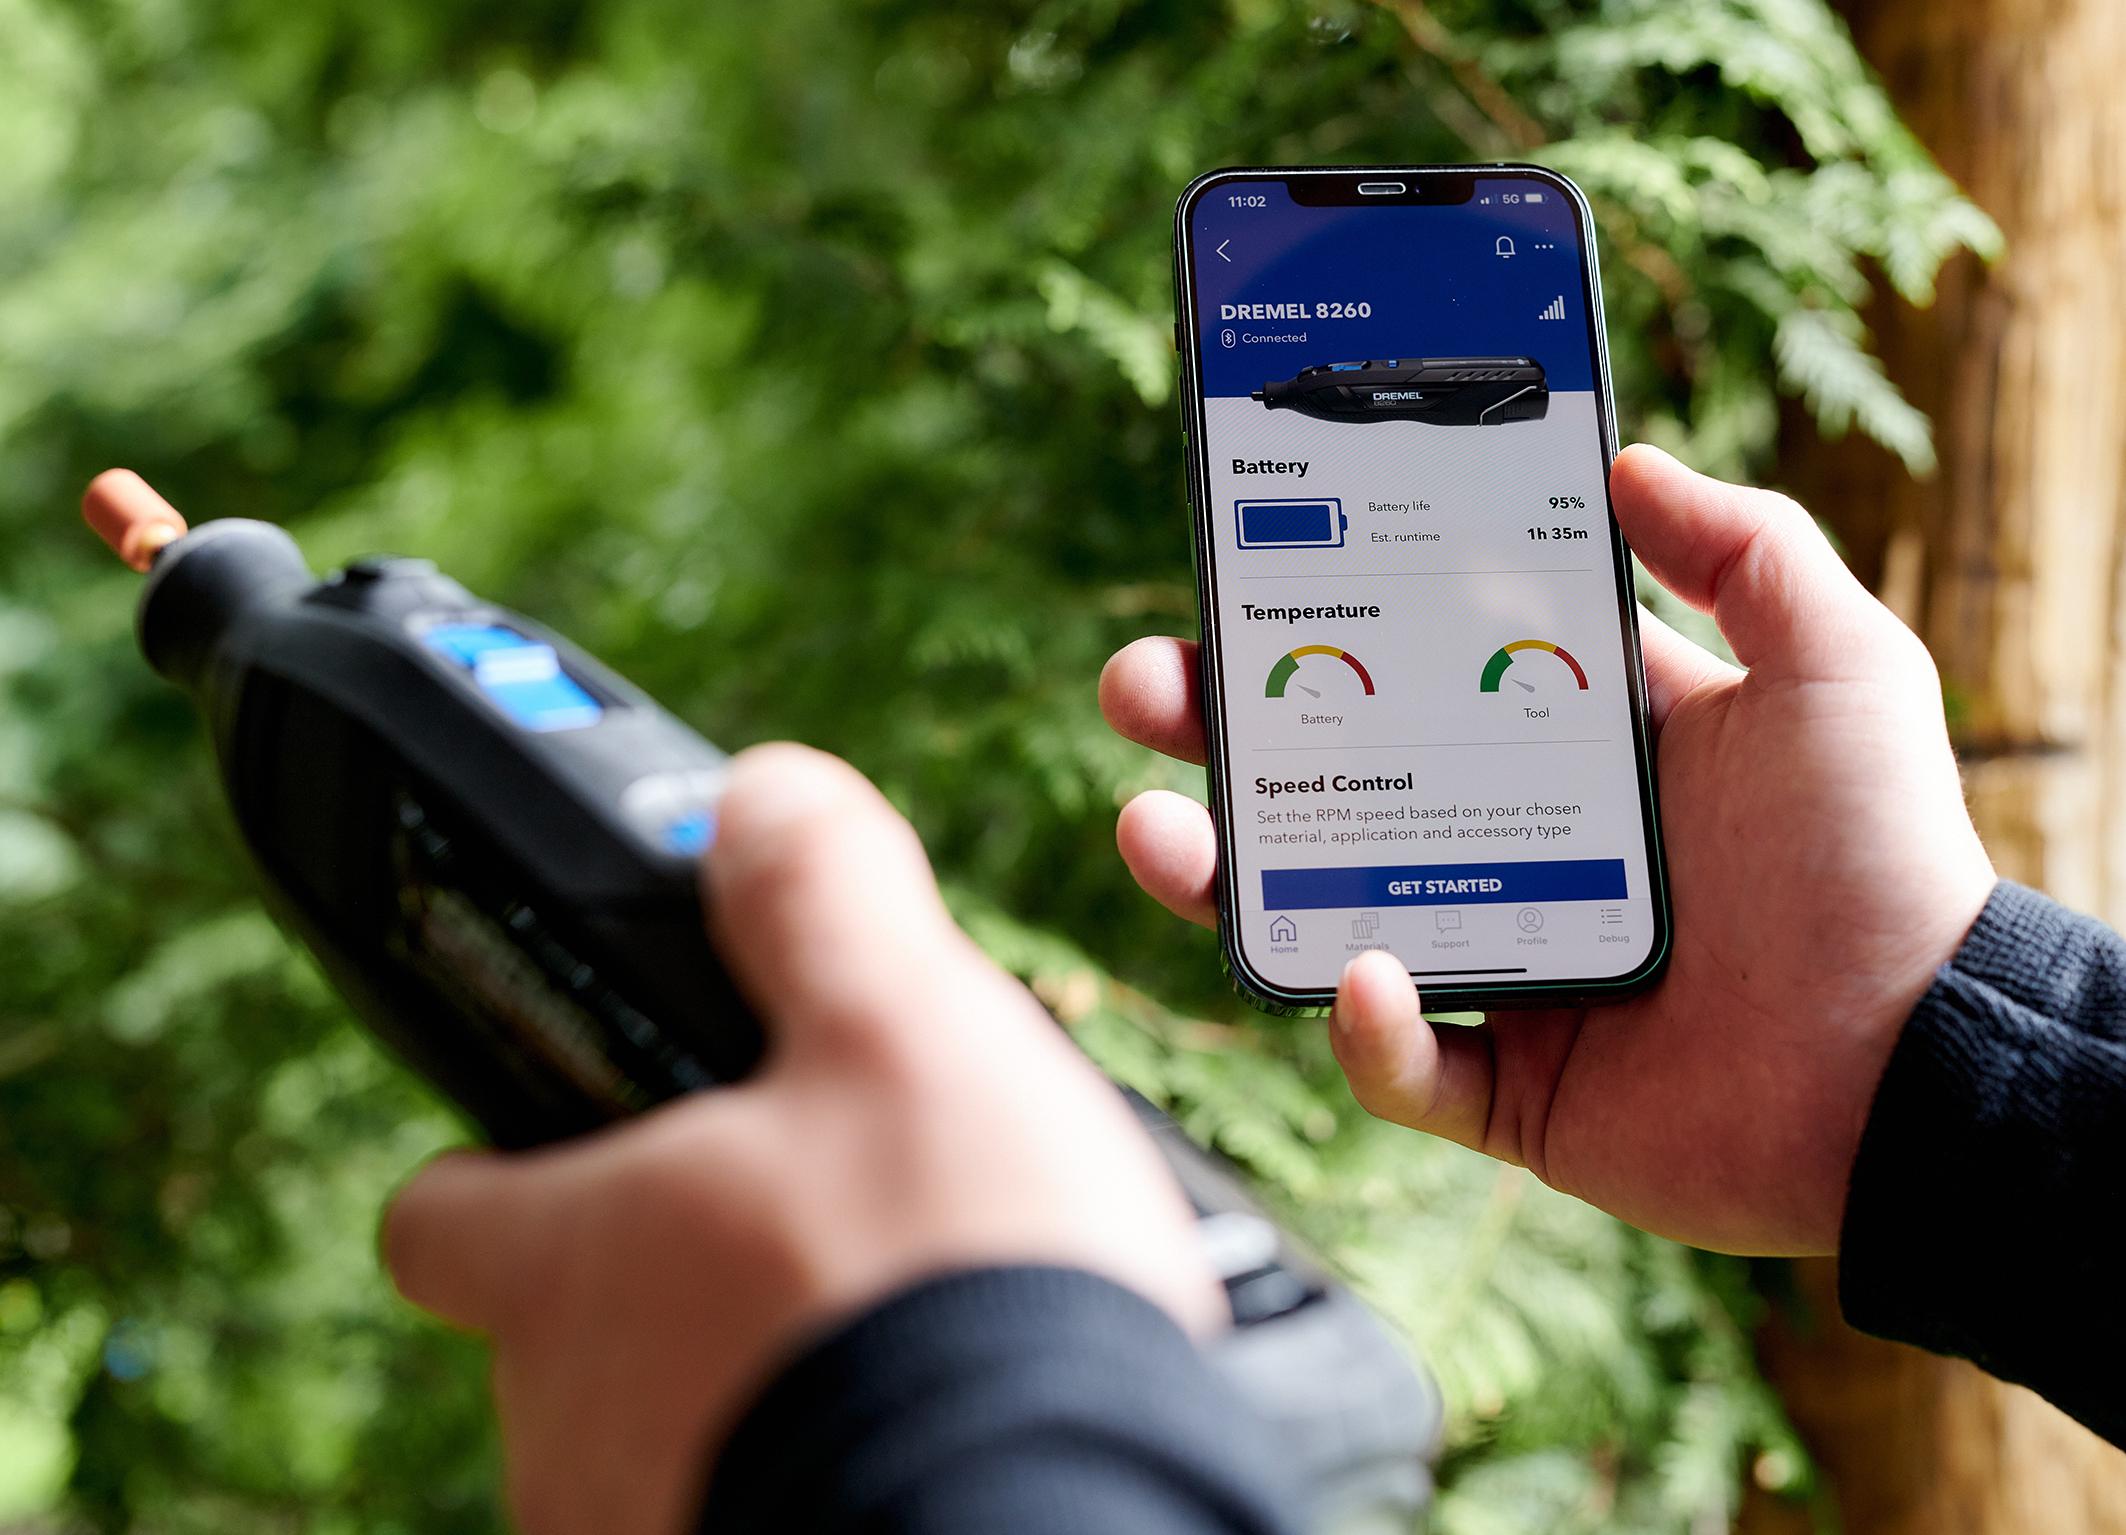 Erstmals mit App für noch mehr Funktionen und Services: Dremel 8260 – längere Laufzeit und Lebensdauer denn je